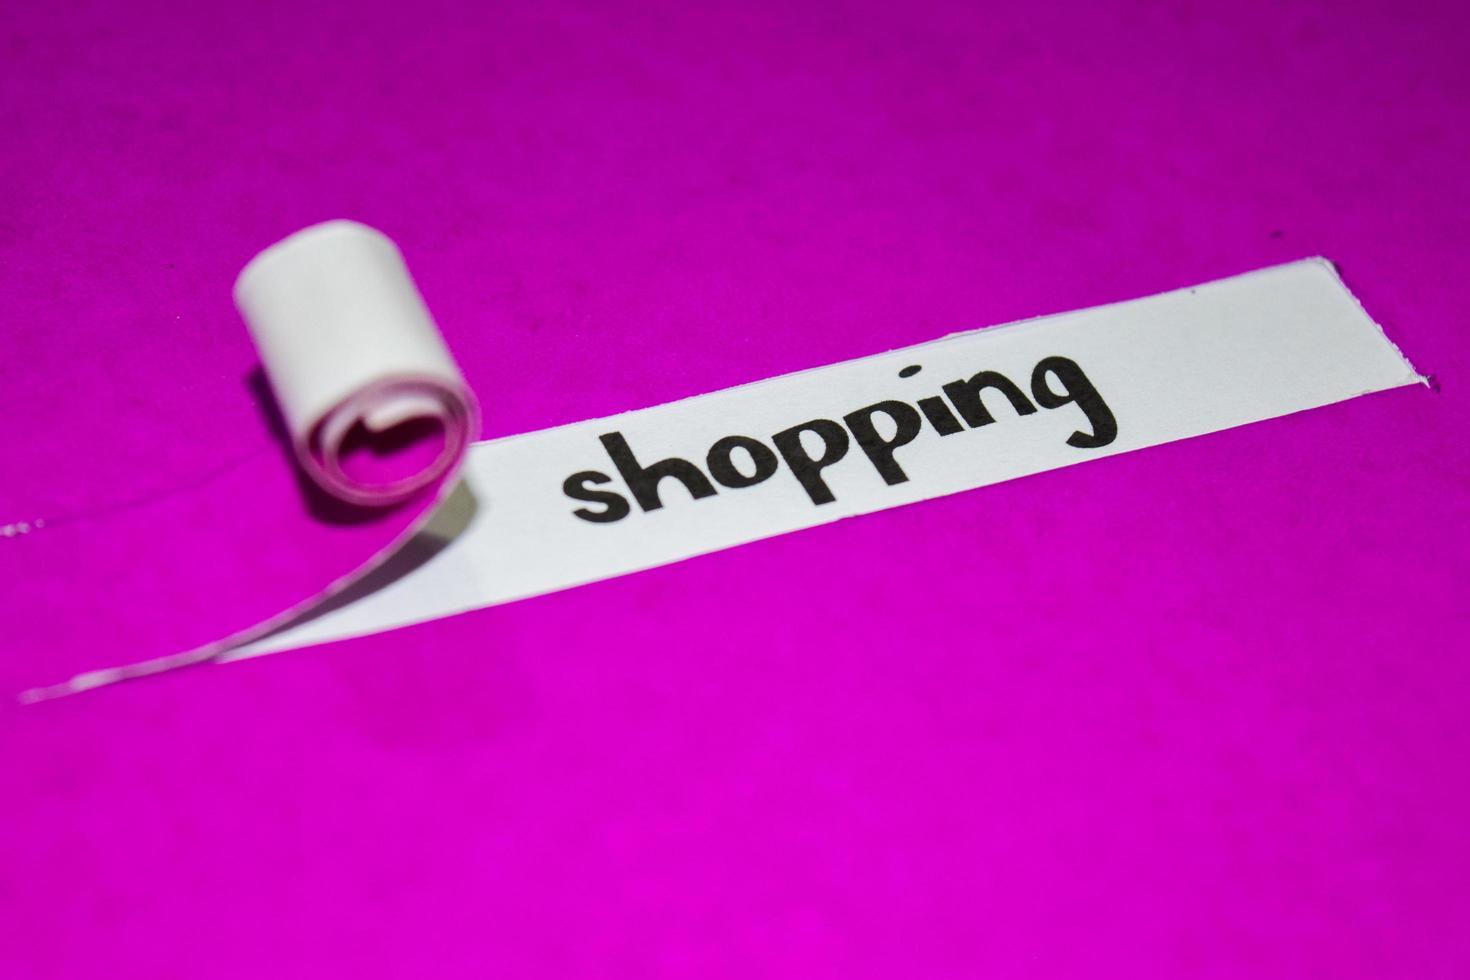 Einkaufstext, Inspiration, Motivation und Geschäftskonzept auf lila zerrissenem Papier foto